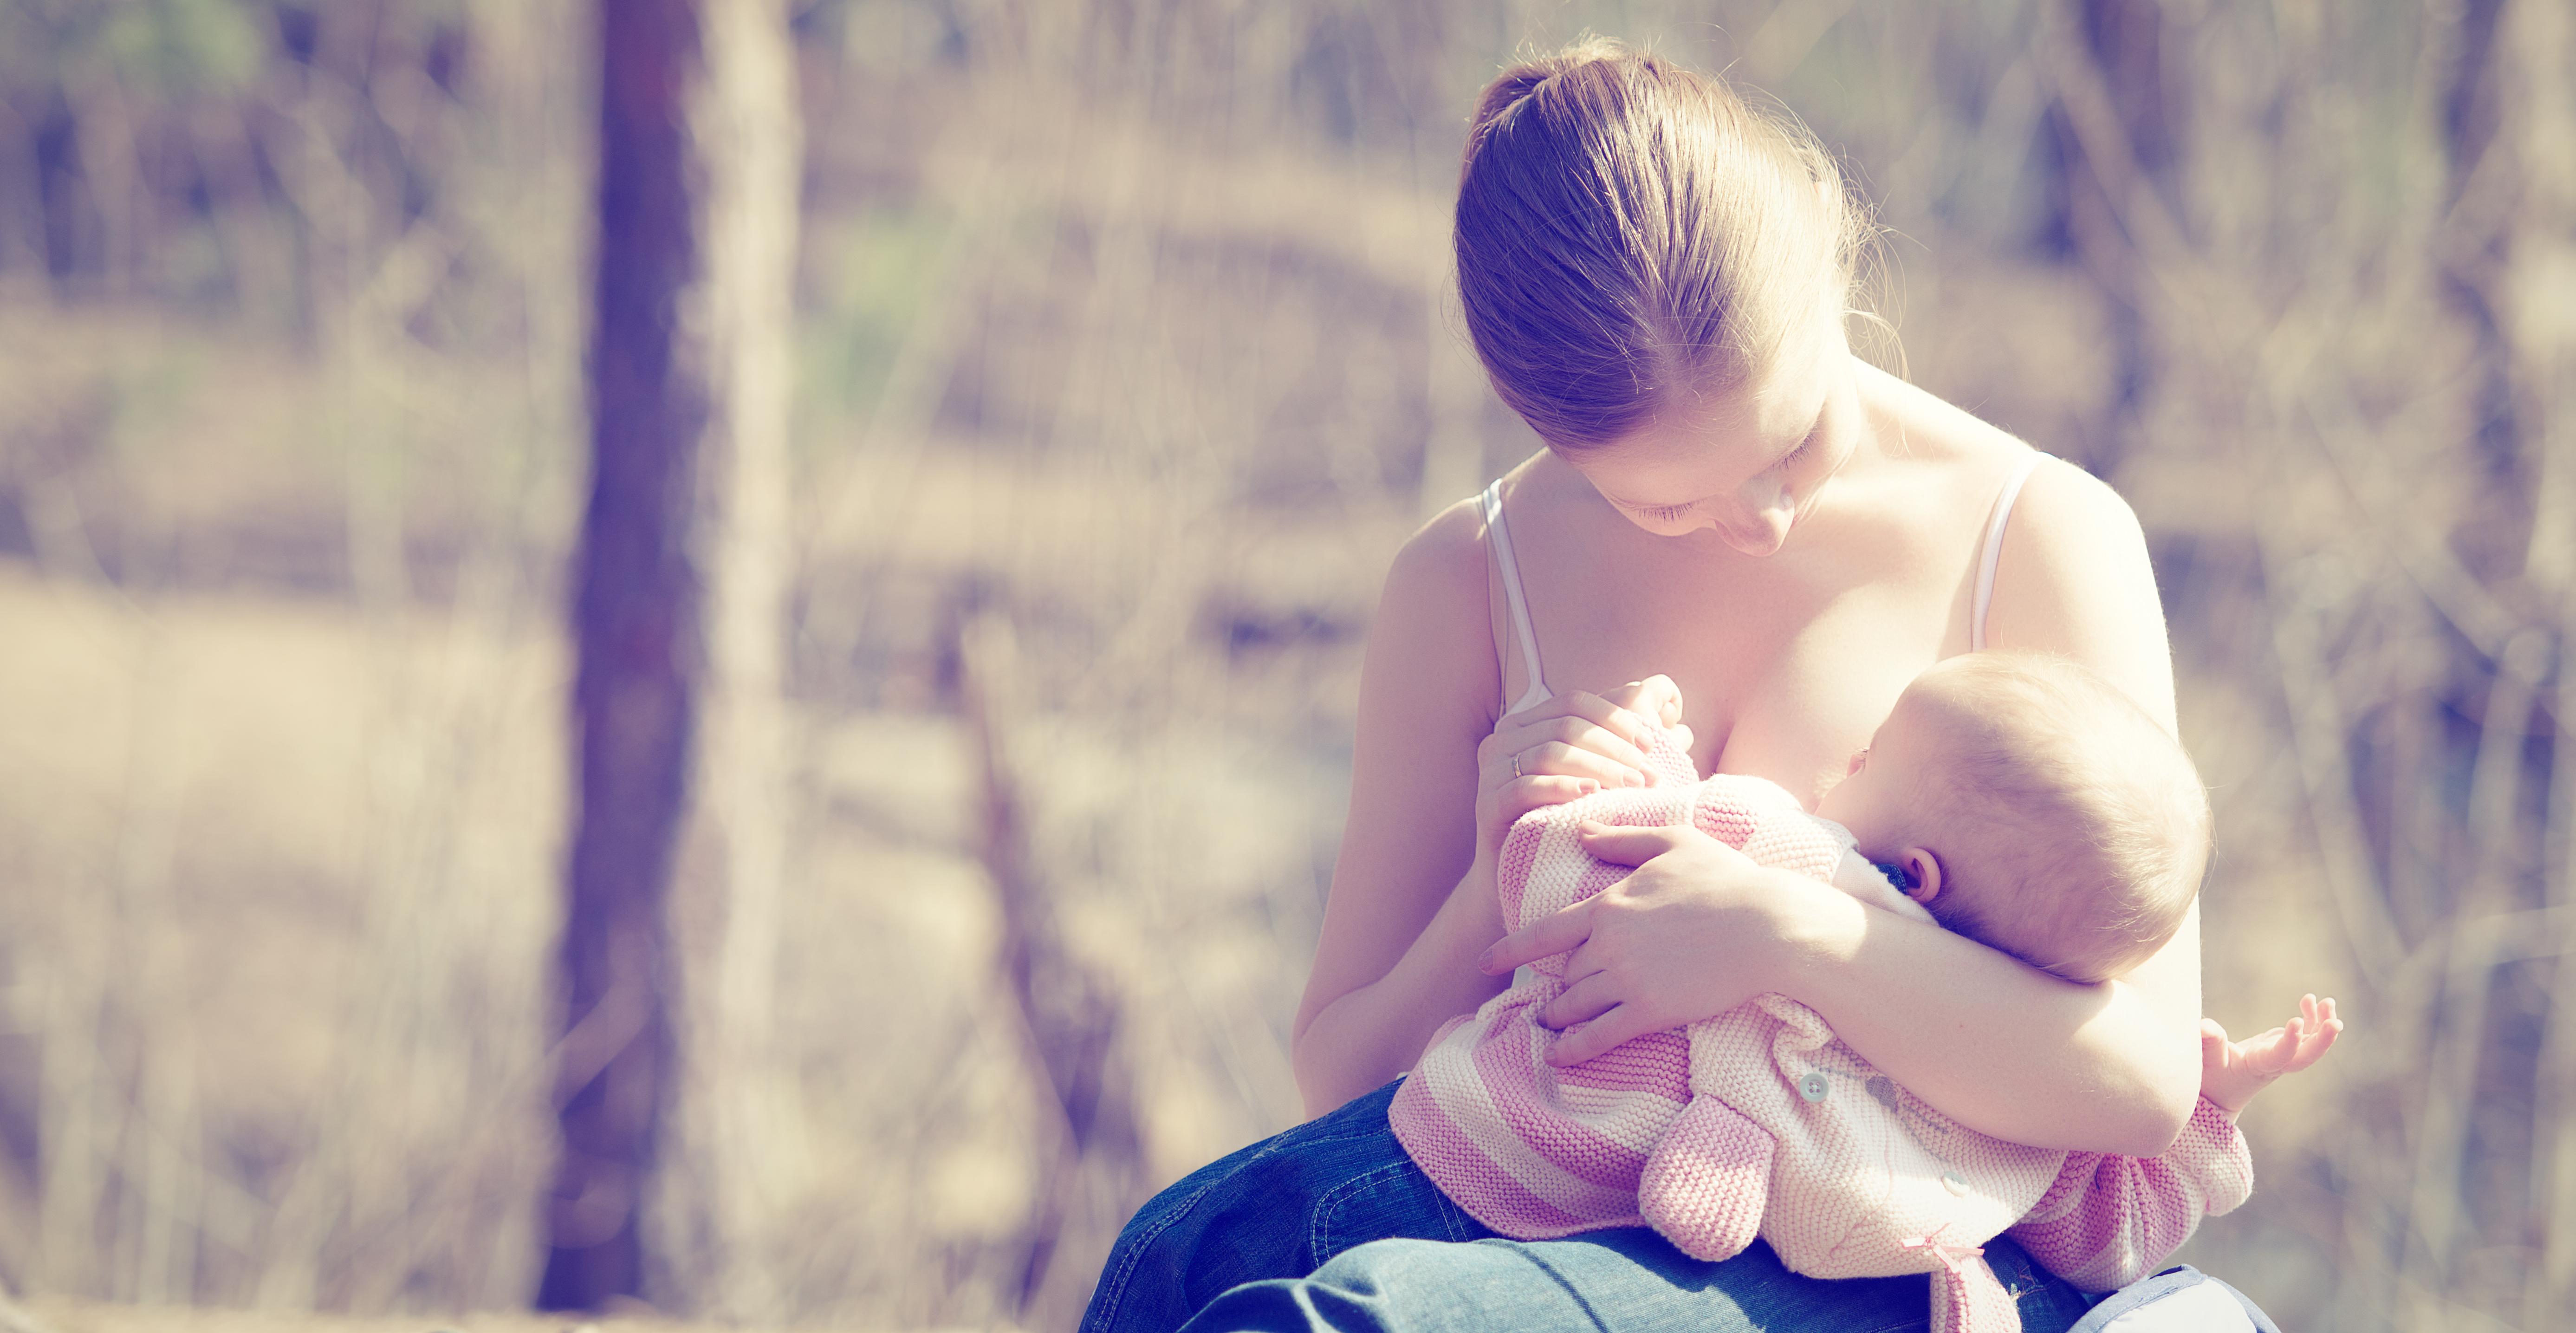 Секс мымы с сыном фото, Регулярный инцент матери и сына (28 фото) 7 фотография